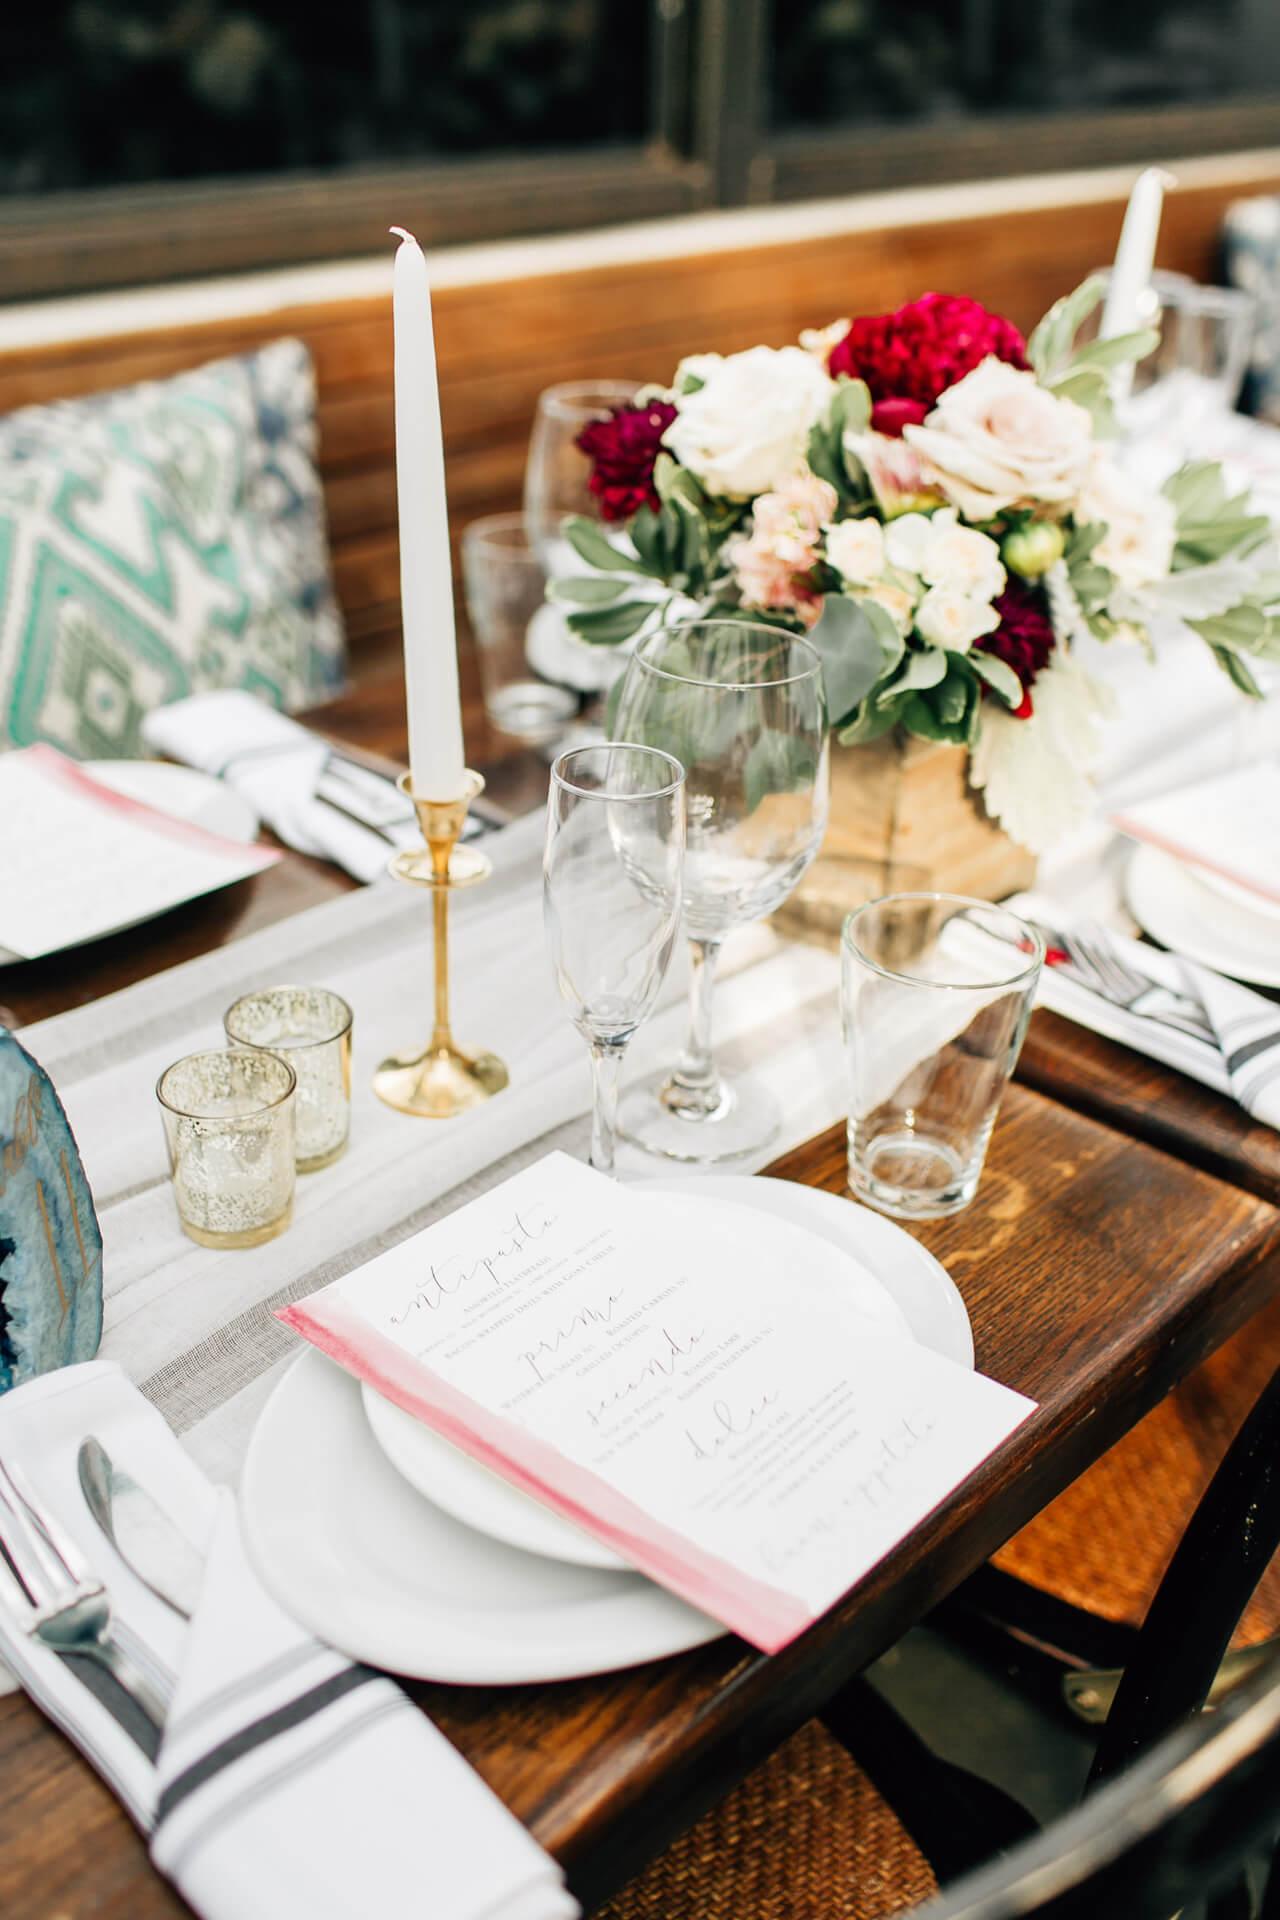 menu at madera kitchen wedding reception